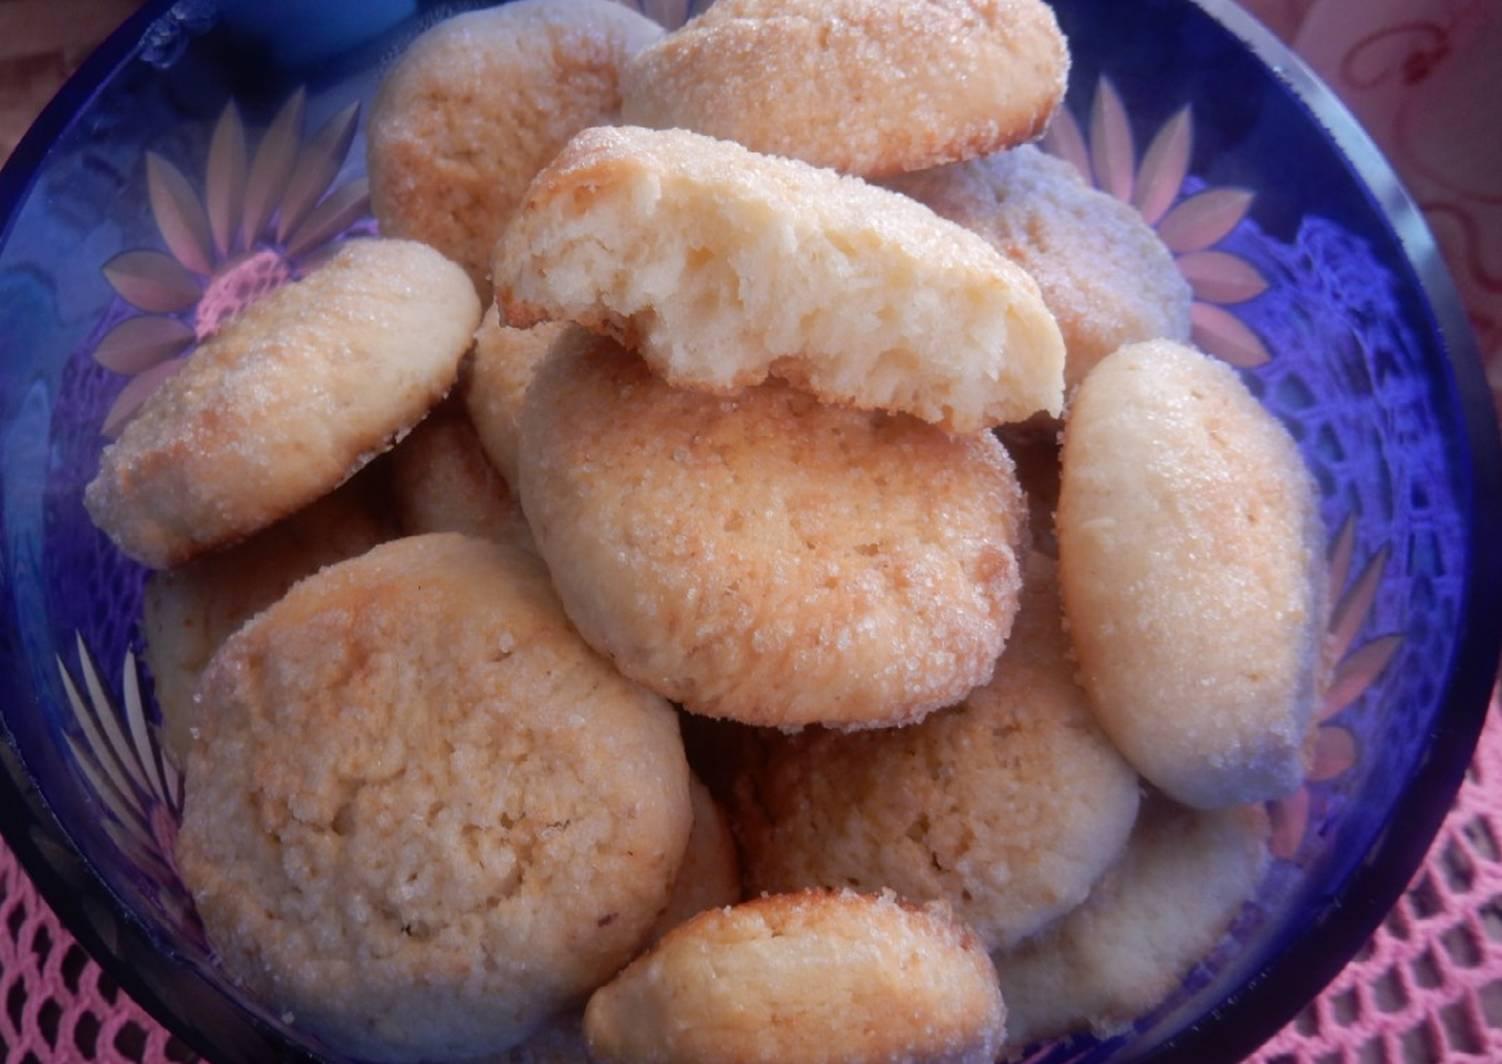 рецепты печенья на кефире с фото чтобы люди